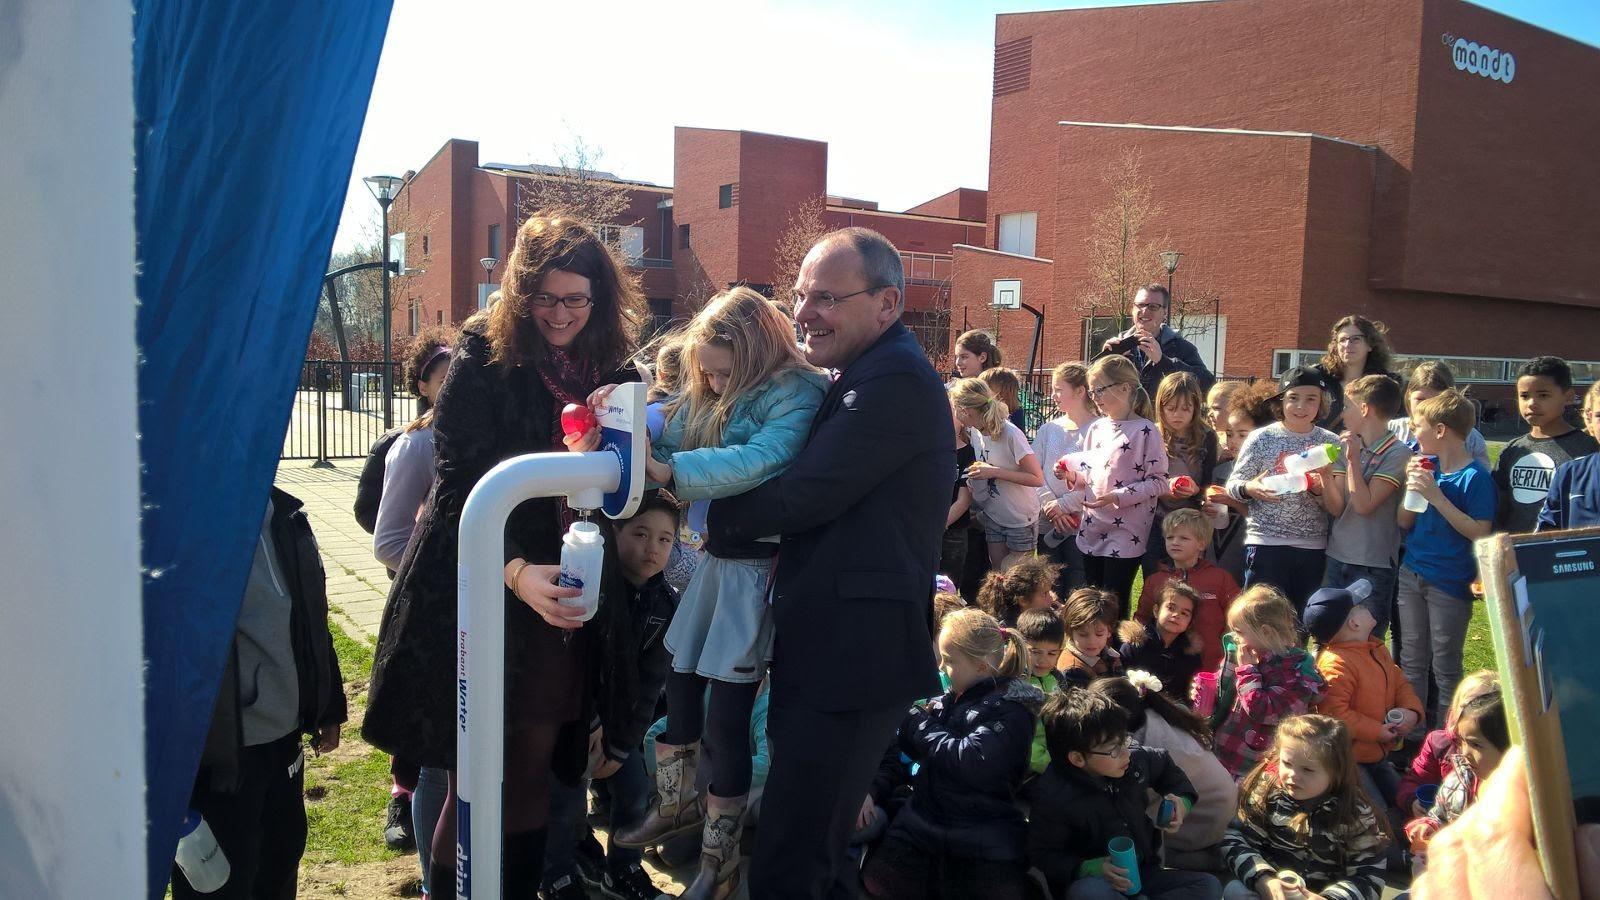 De opening van het eerste tappunt van deze nieuwe reeks, bij Brede school De Mandt in Teteringen, door wethouder Miriam Haagh en de algemeen directeur van Brabant Water, Guïljo van Nuland.